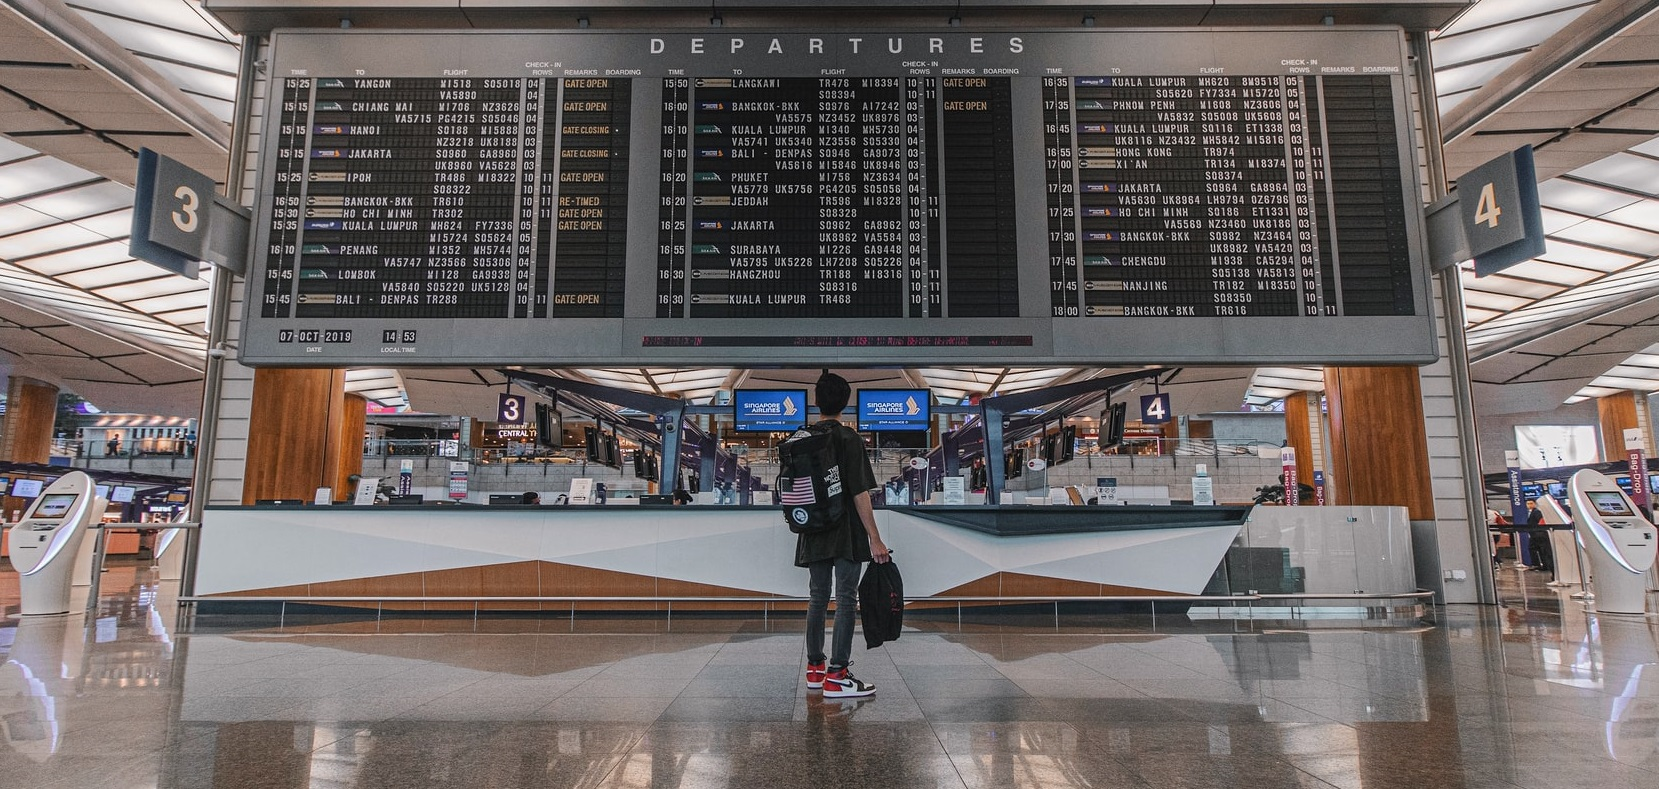 Turismul global a pierdut 460 de miliarde de dolari în prima jumătate a anului, în contextul crizei coronavirusului